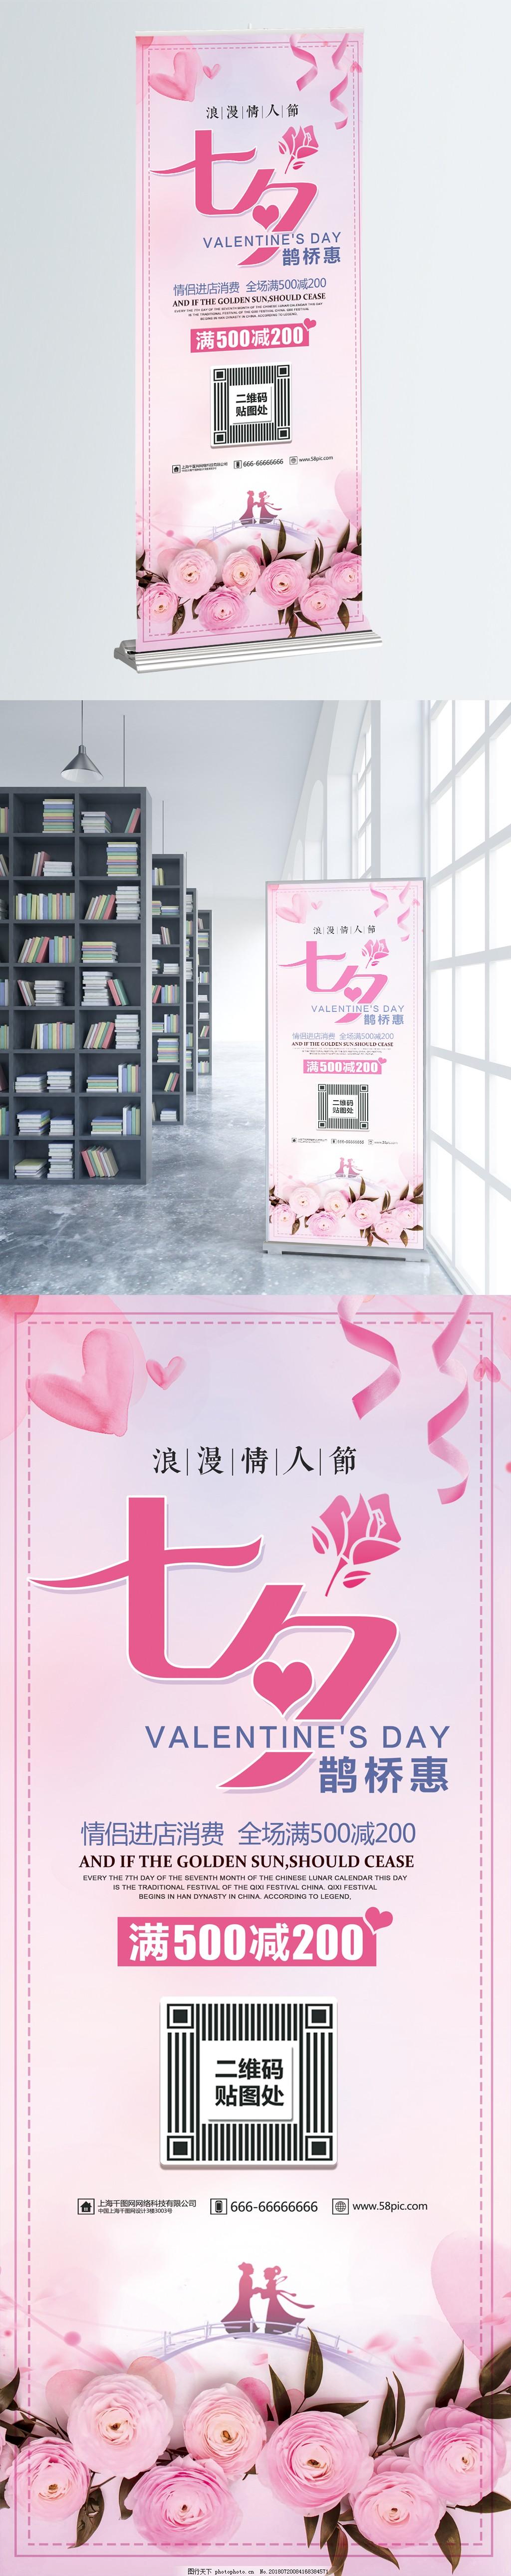 粉色浪漫唯美七夕情人节宣传展架